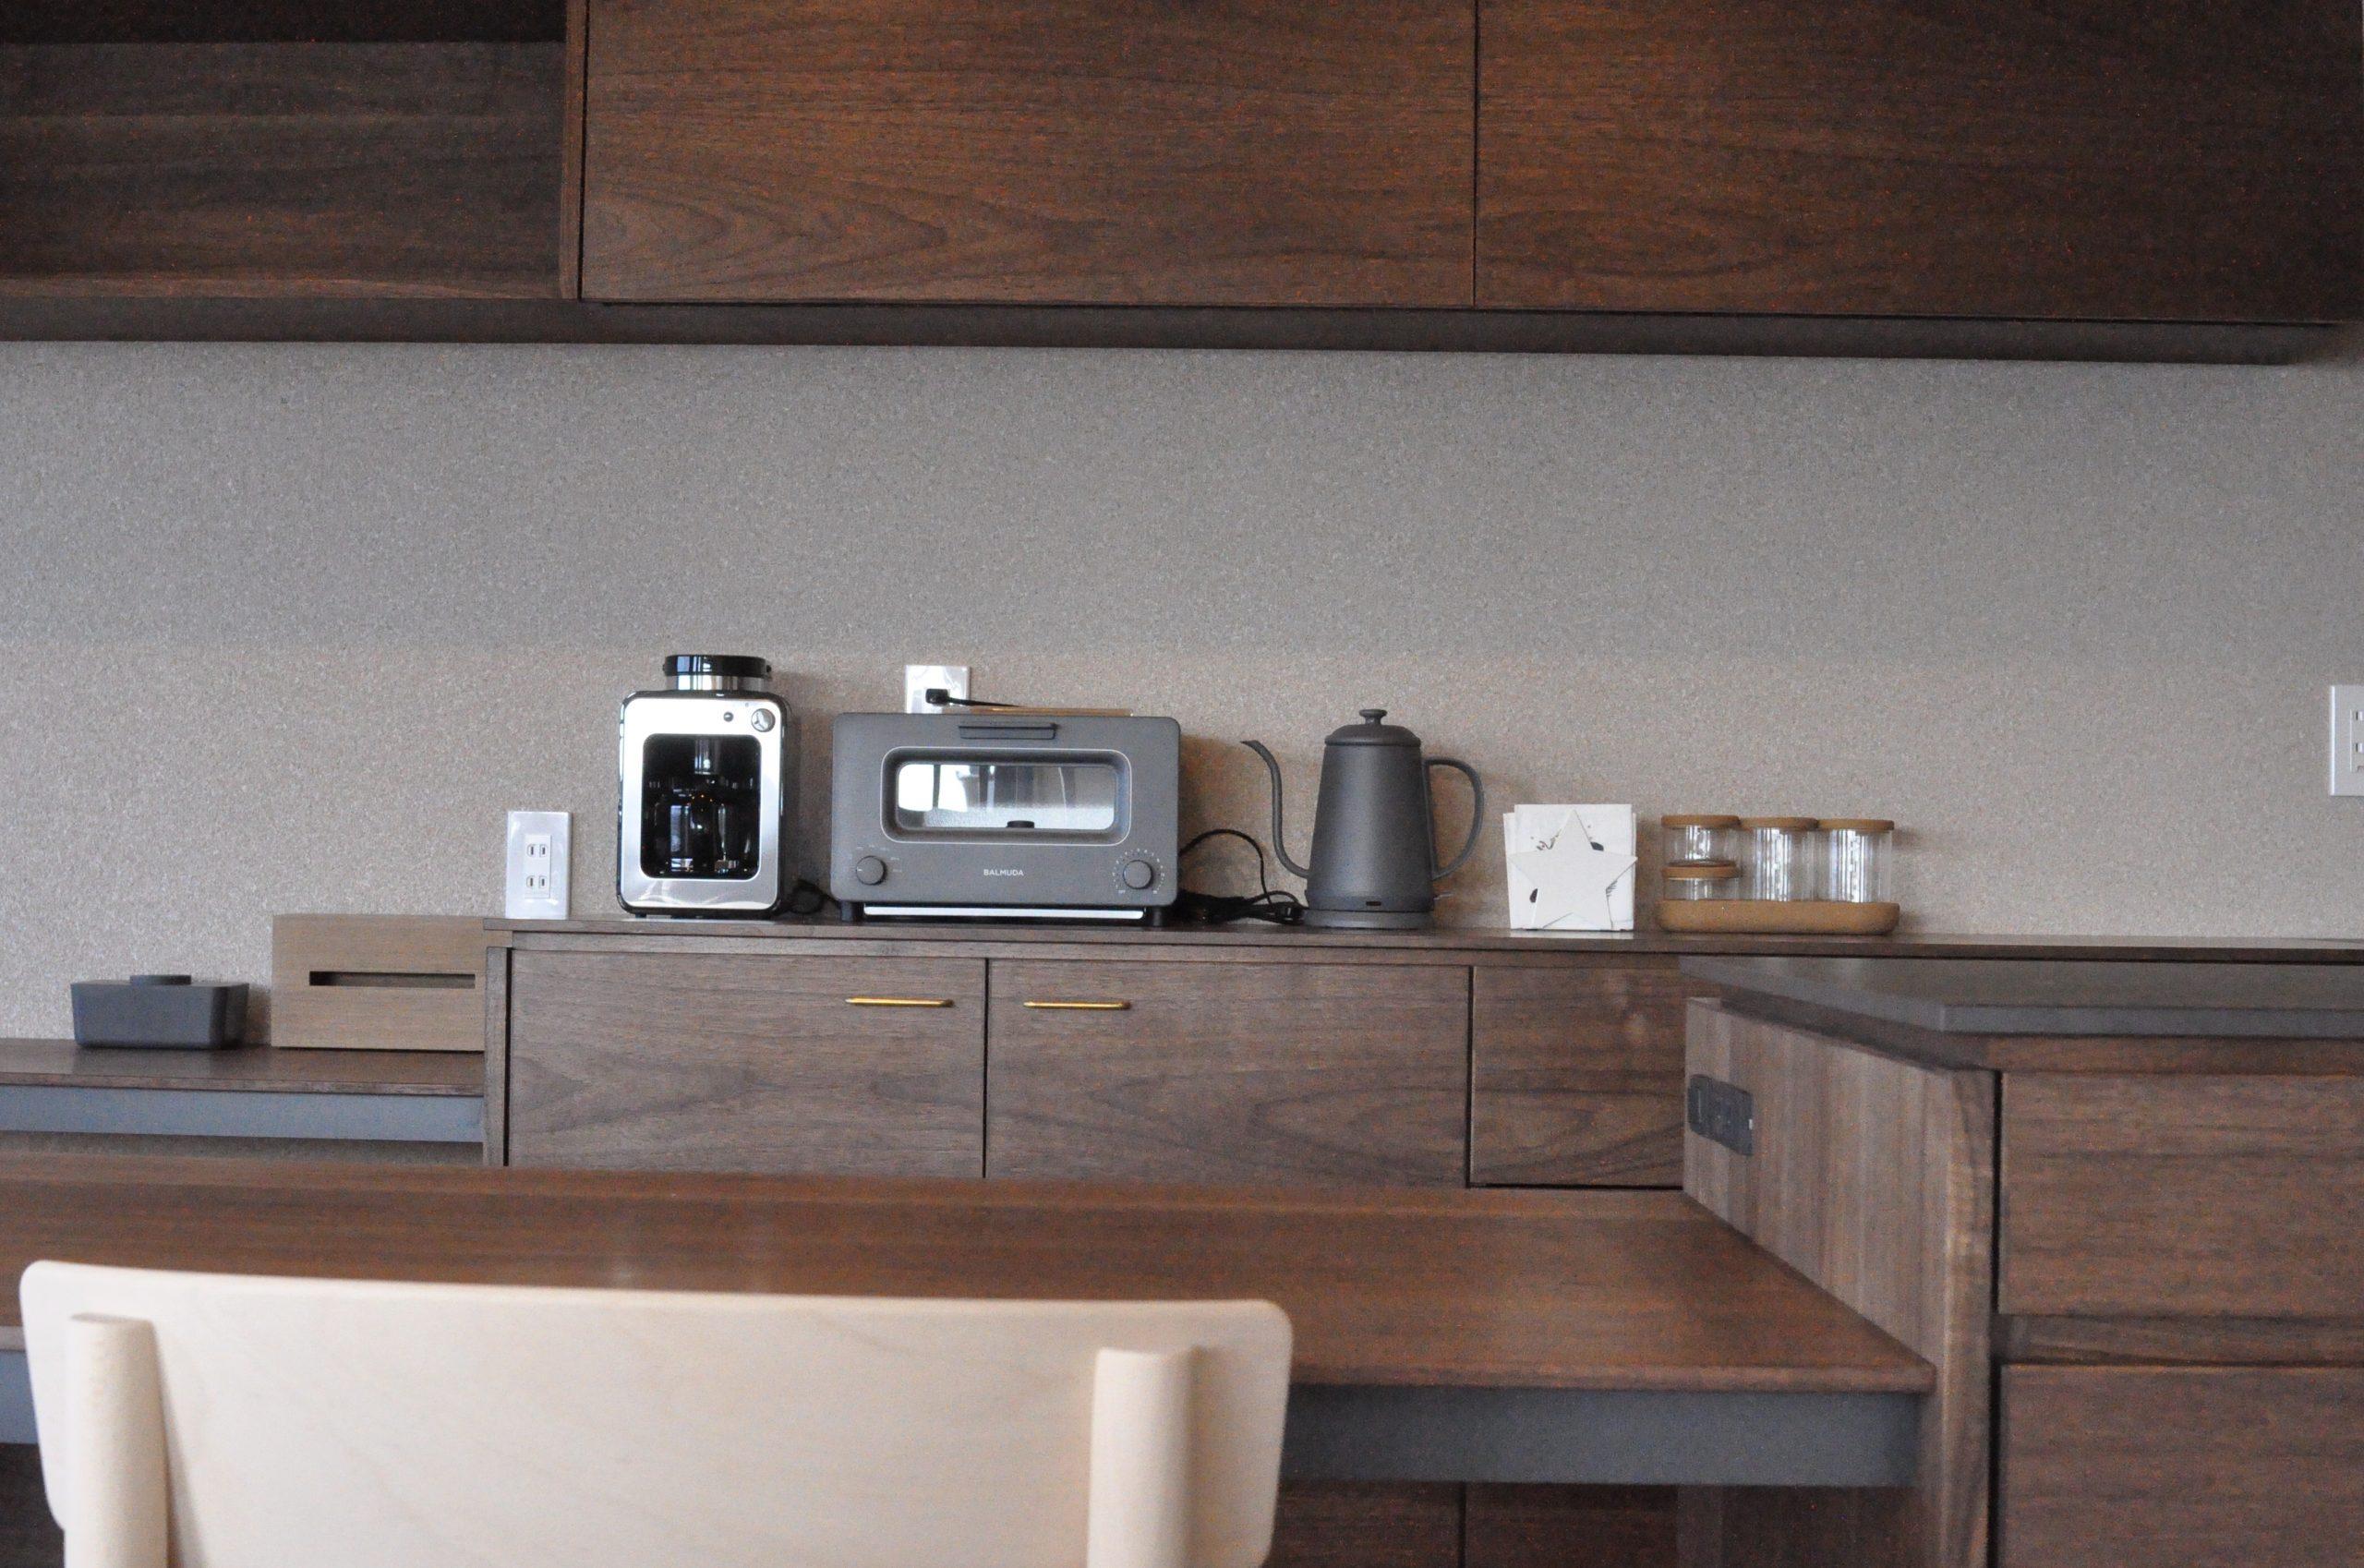 リノベーション施工案件: オーダーメイドキッチン・北欧家具・B4A1F698 | CRAFT WORKS. | 株式会社CWT | クラフトワークス | 新築、店舗、住宅、マンションのリフォームとリノベーション | Residential renovation | 福岡県北九州市